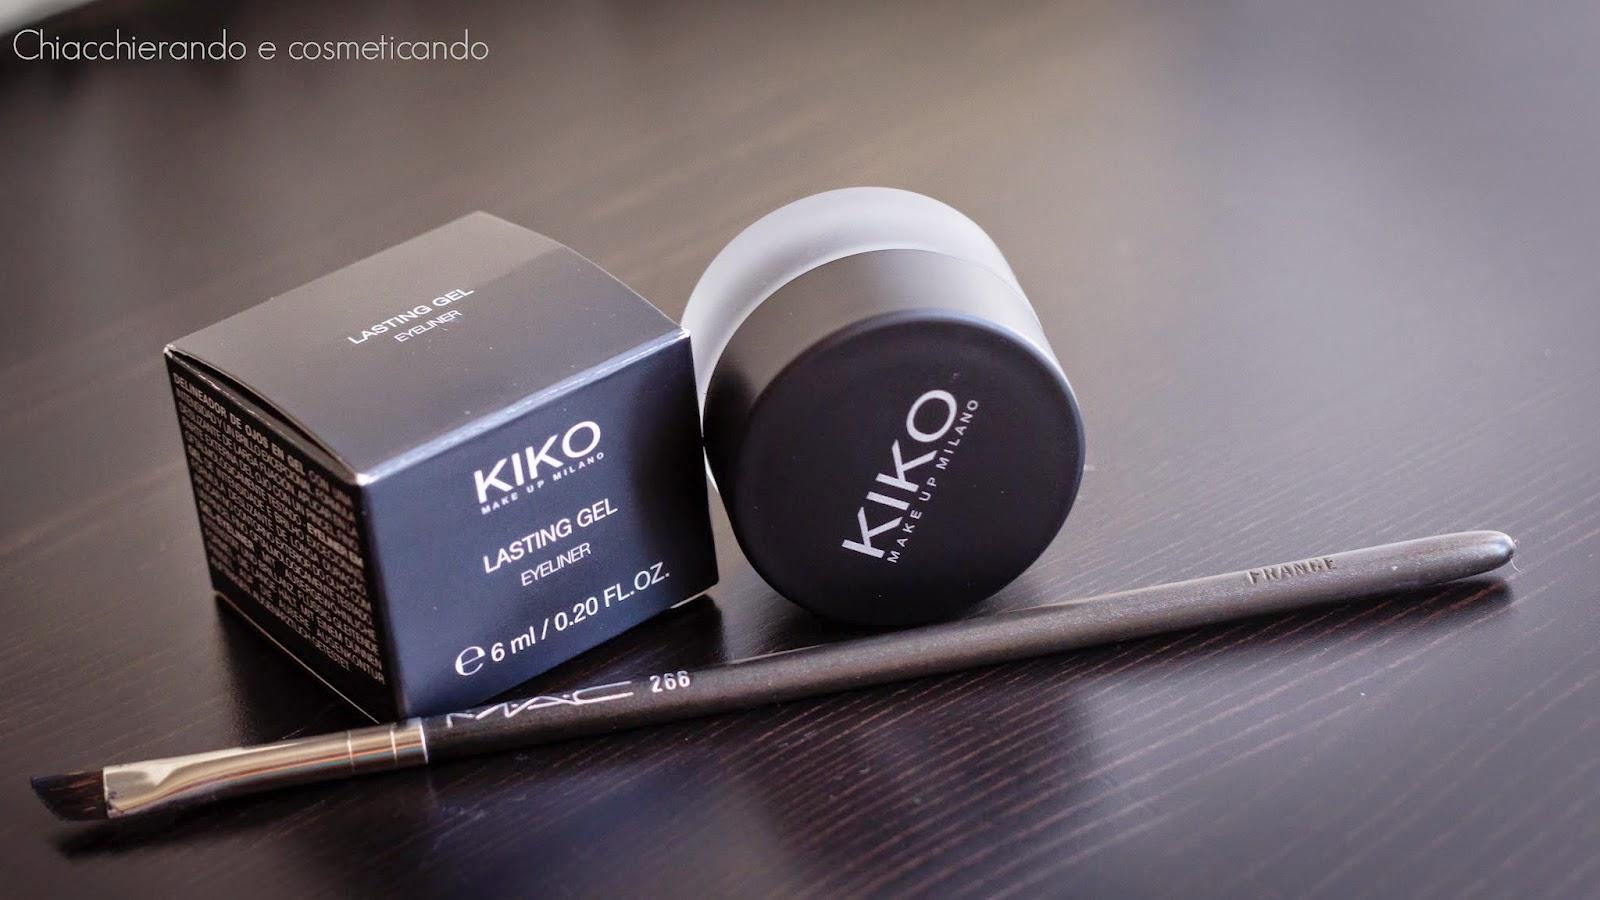 Prime impressioni: eyeliner Lasting gel Kiko + Trucco